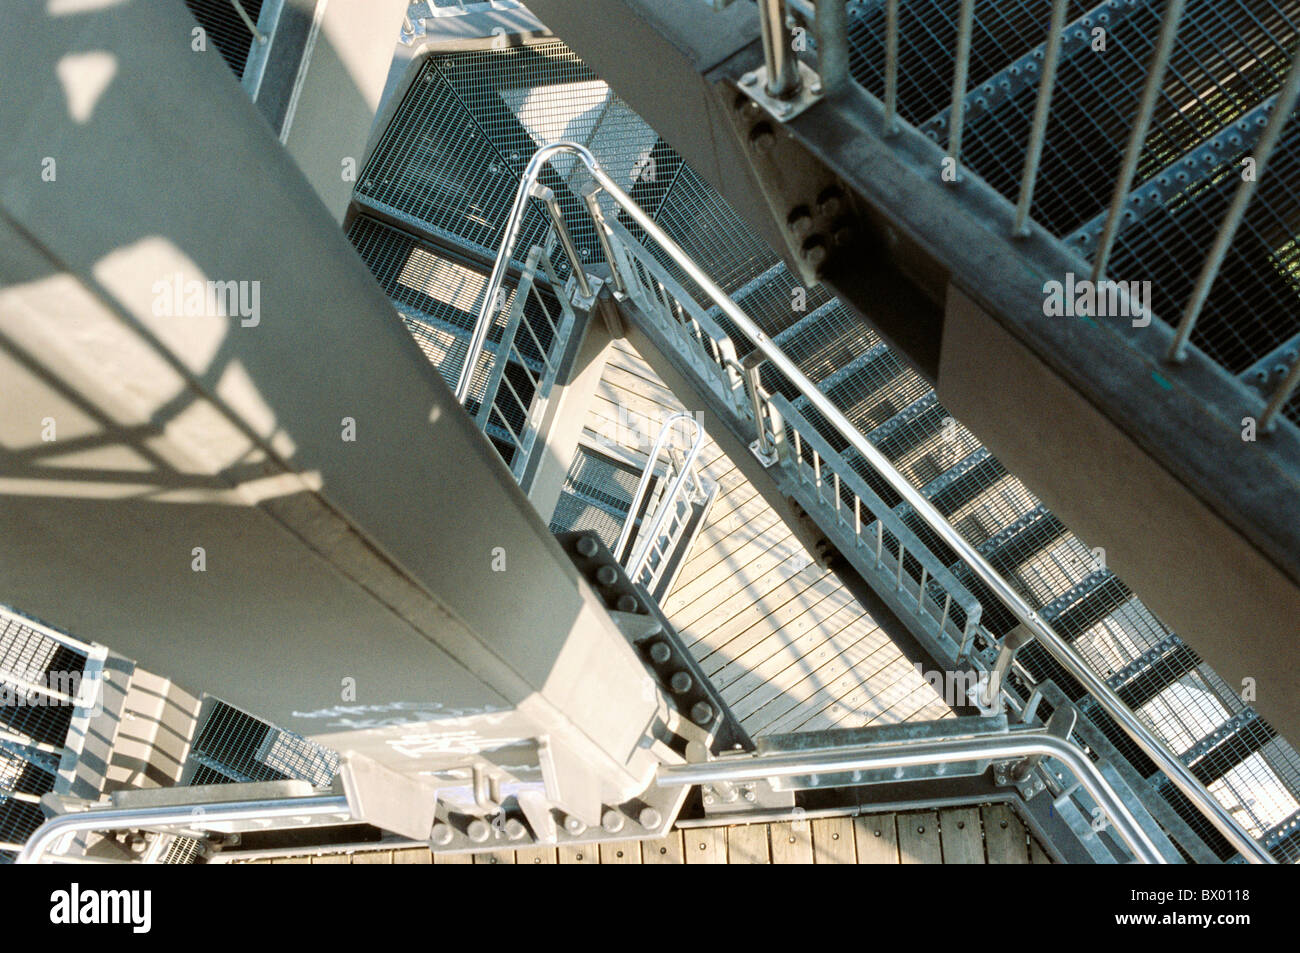 Beobachtung Turm Detail Geländer Hoch Und Tiefbau Arbeiten Bauwesen